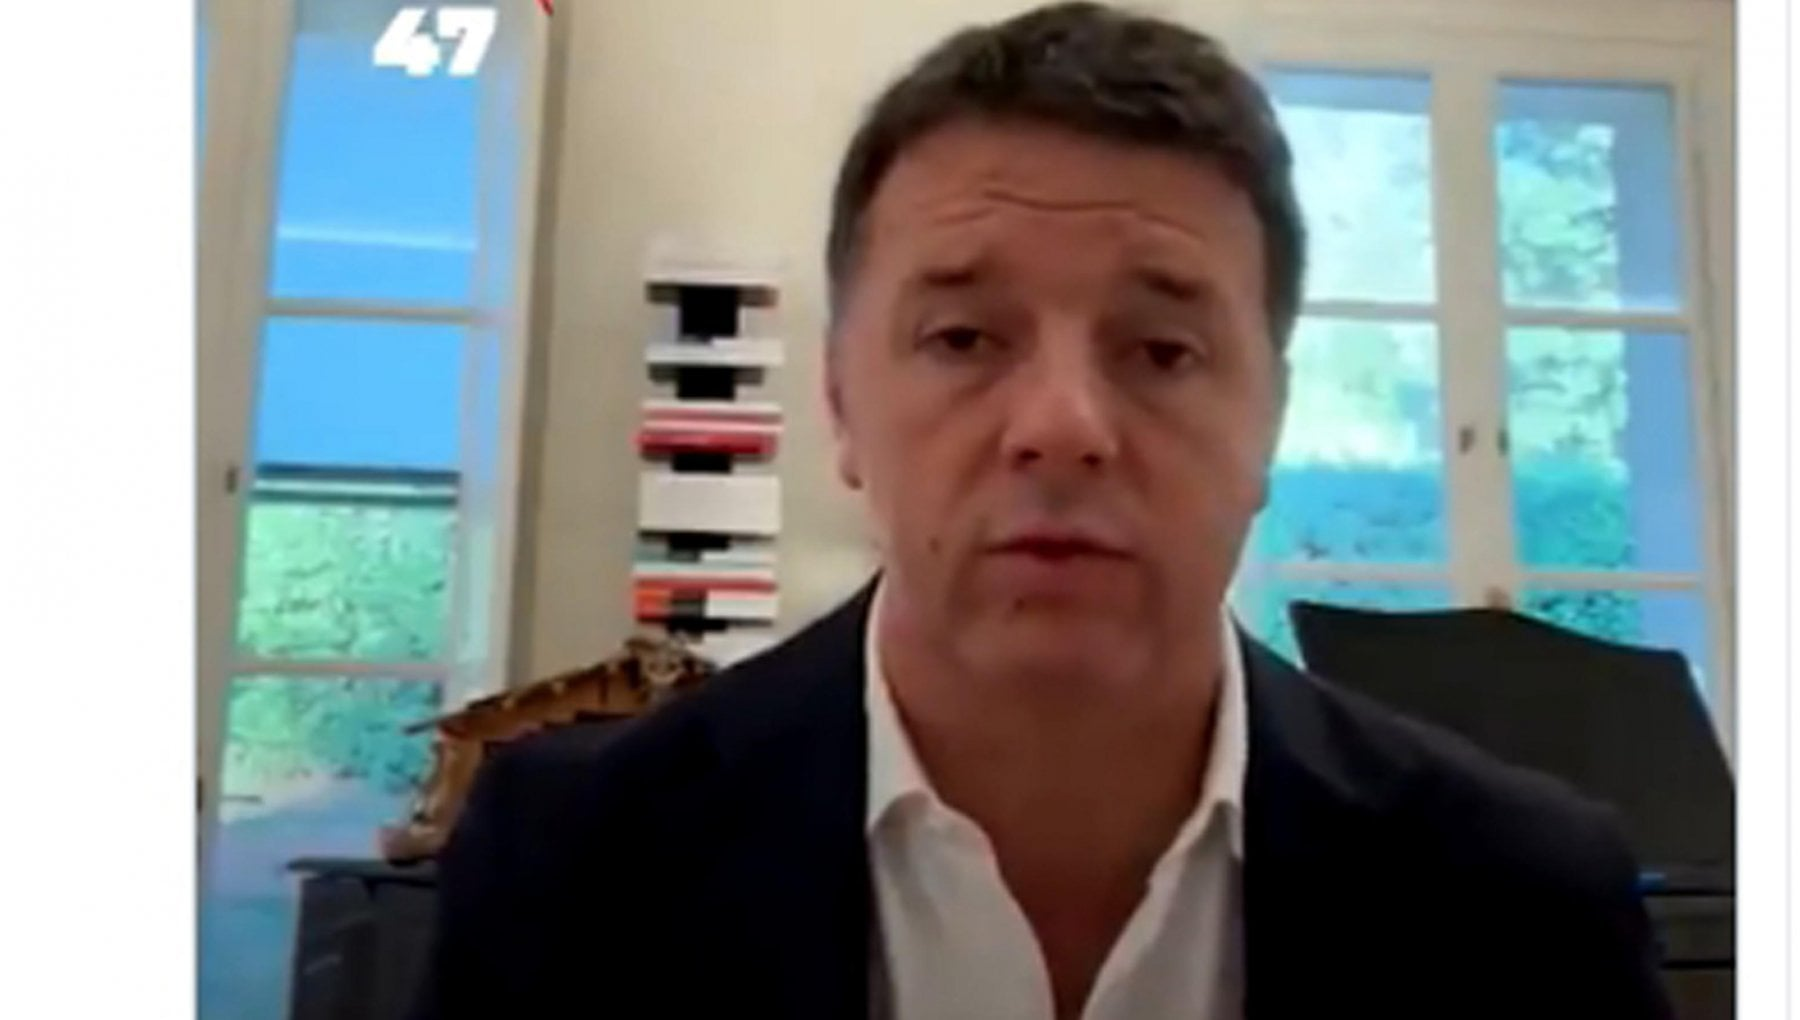 Governo Conte sul Recovery Stop a ritardi presto sintesi efficace. Ma Renzi insiste No a piccole polemiche di parte. Si al Mes i soldi dellEuropa mettiamoli sulla sanita